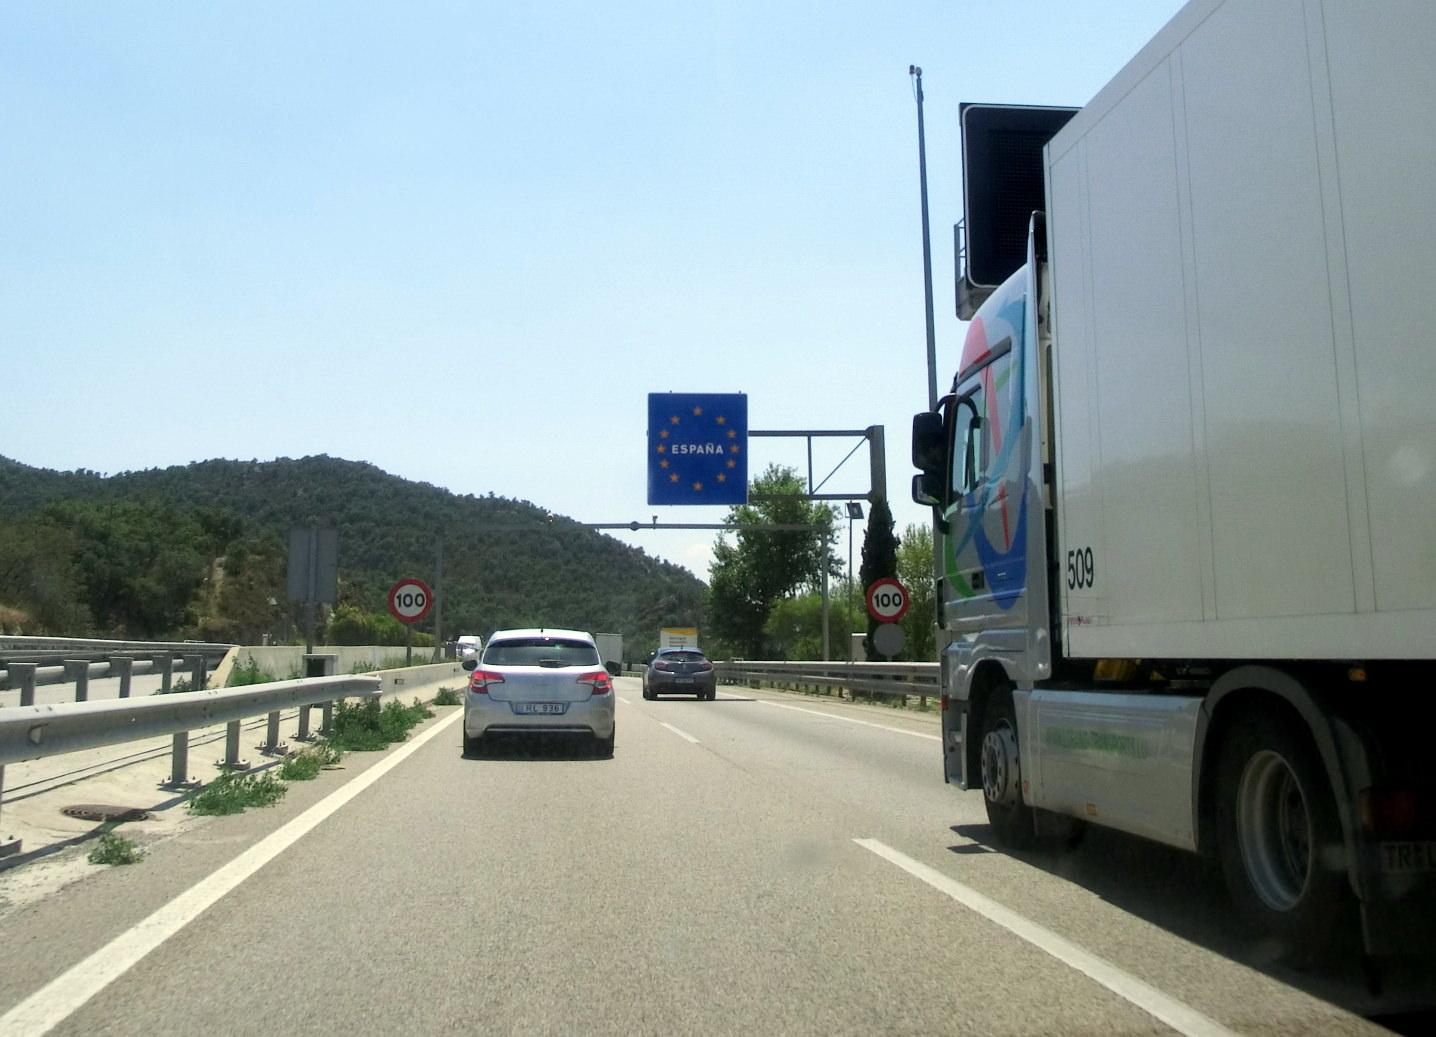 Mcdonalds Autobahn A9